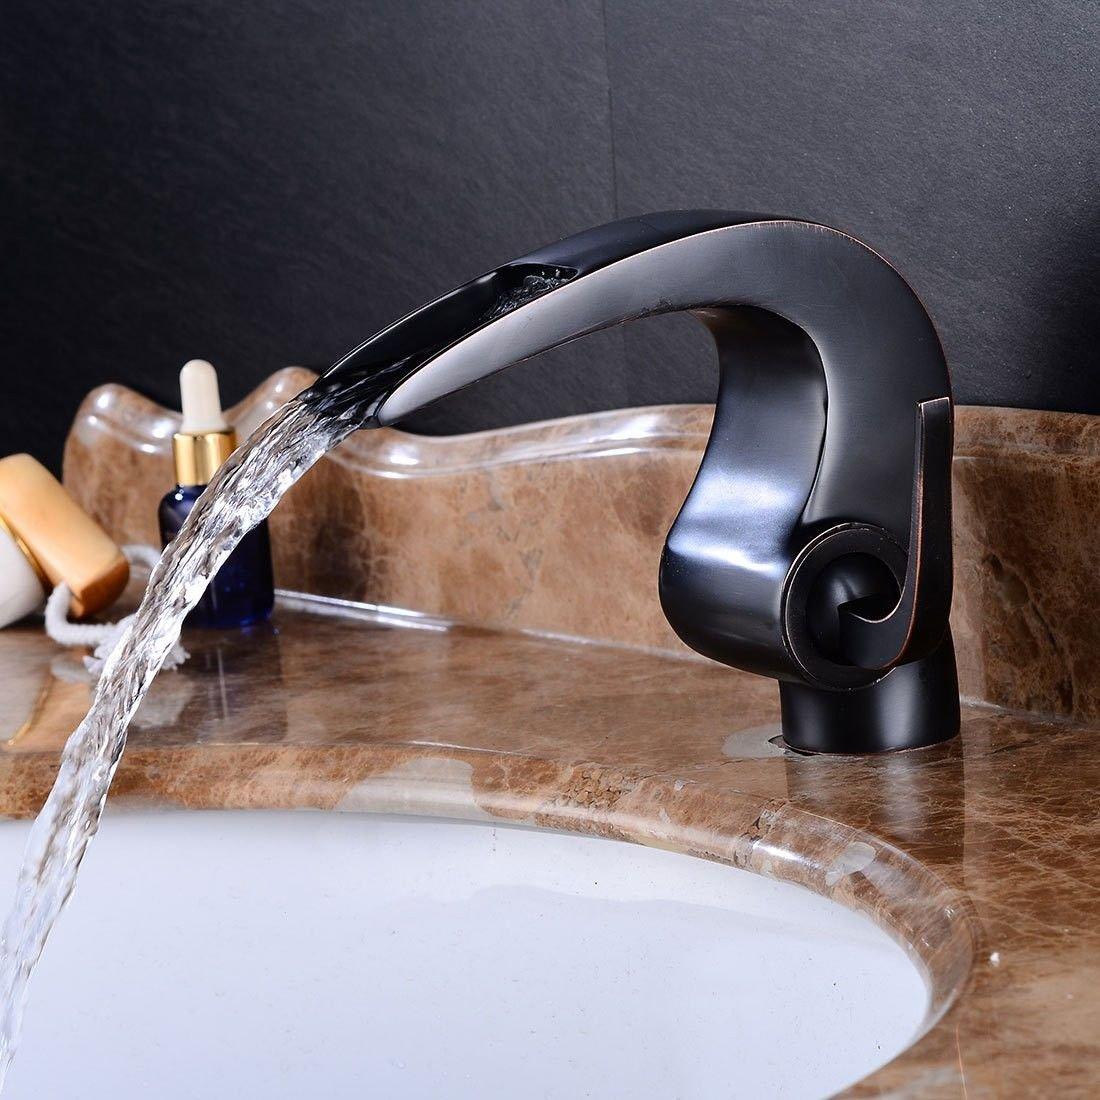 NewBorn Faucet Wasserhähne Warmes und Kaltes Wasser super Qualität Antike Messing schwarz Einzigen Griff Ein Loch Keramik Ventil fällt aus Dem Wasser und Kaltes Wasser, Badezimmer Waschtisch Armatur